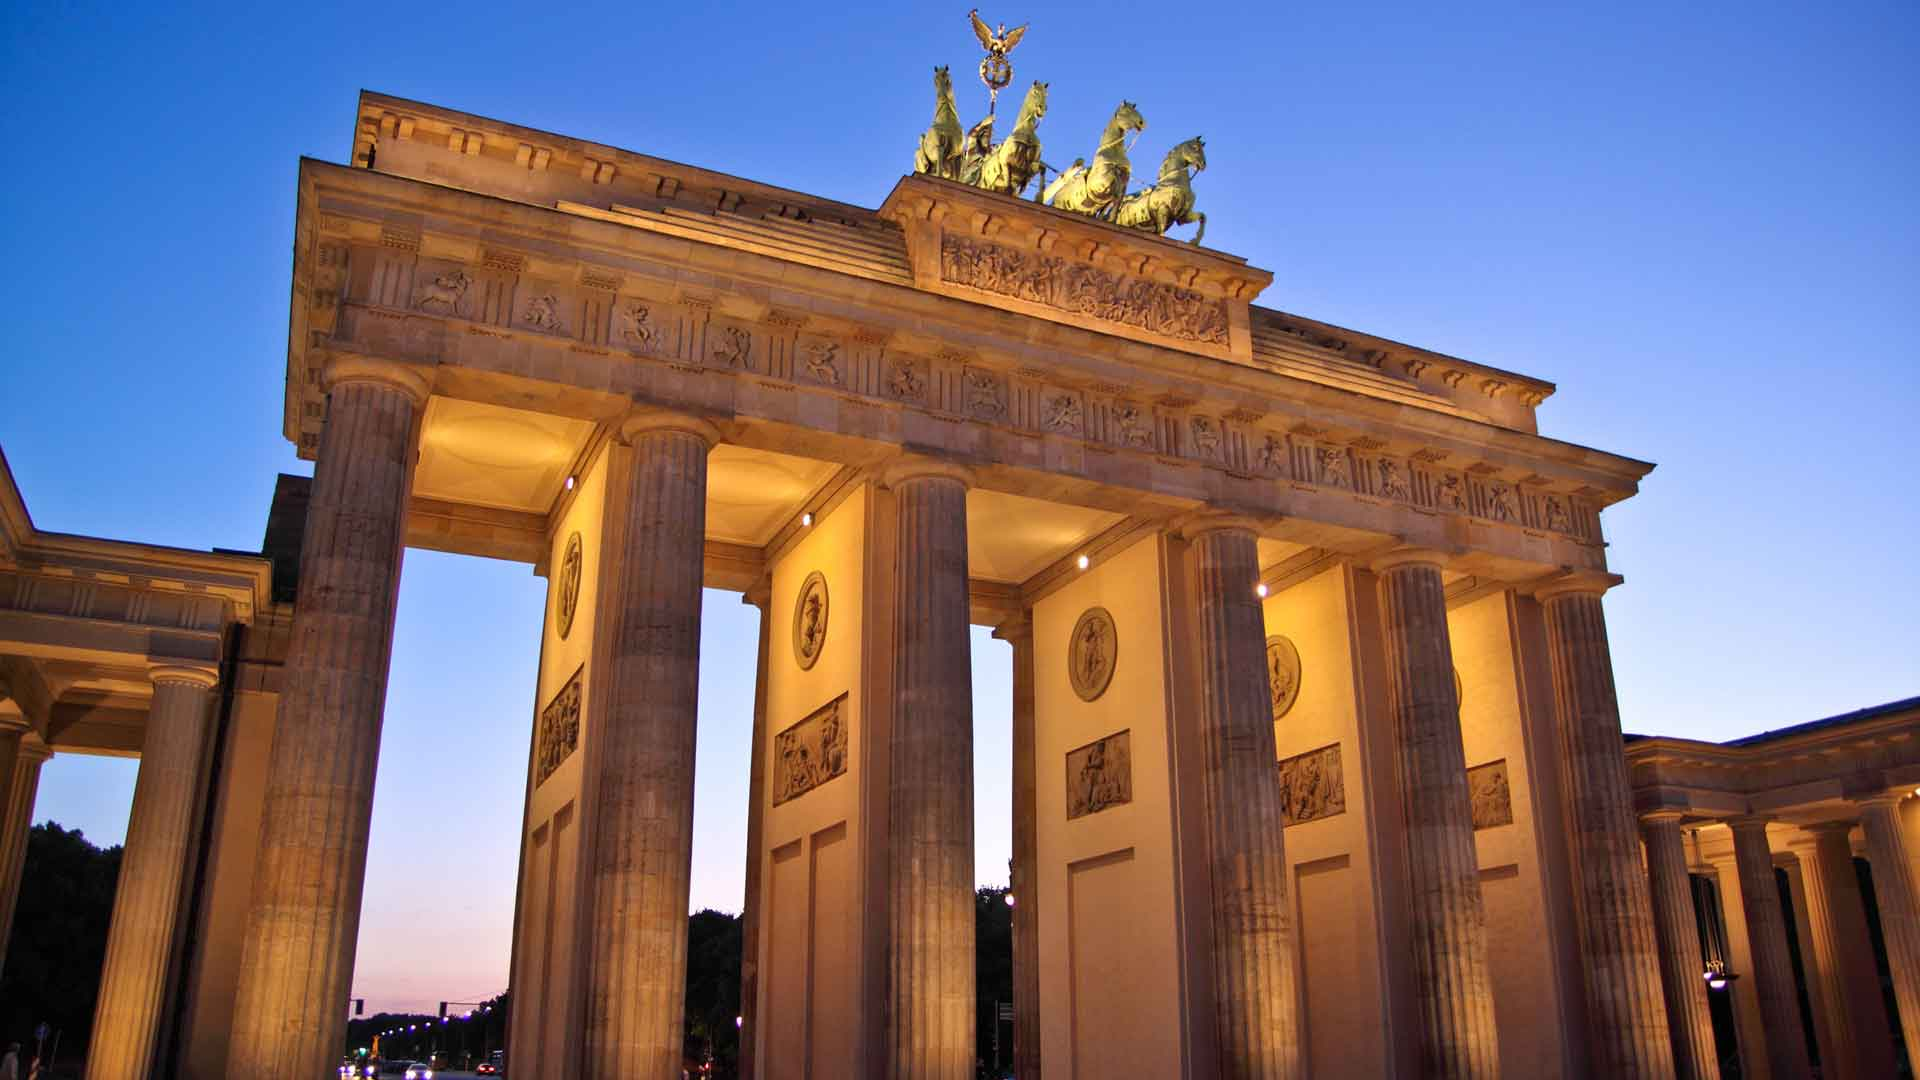 Het Brandenburger Tor in Berlijn is het symbool van de hoofdstad van Duitsland.